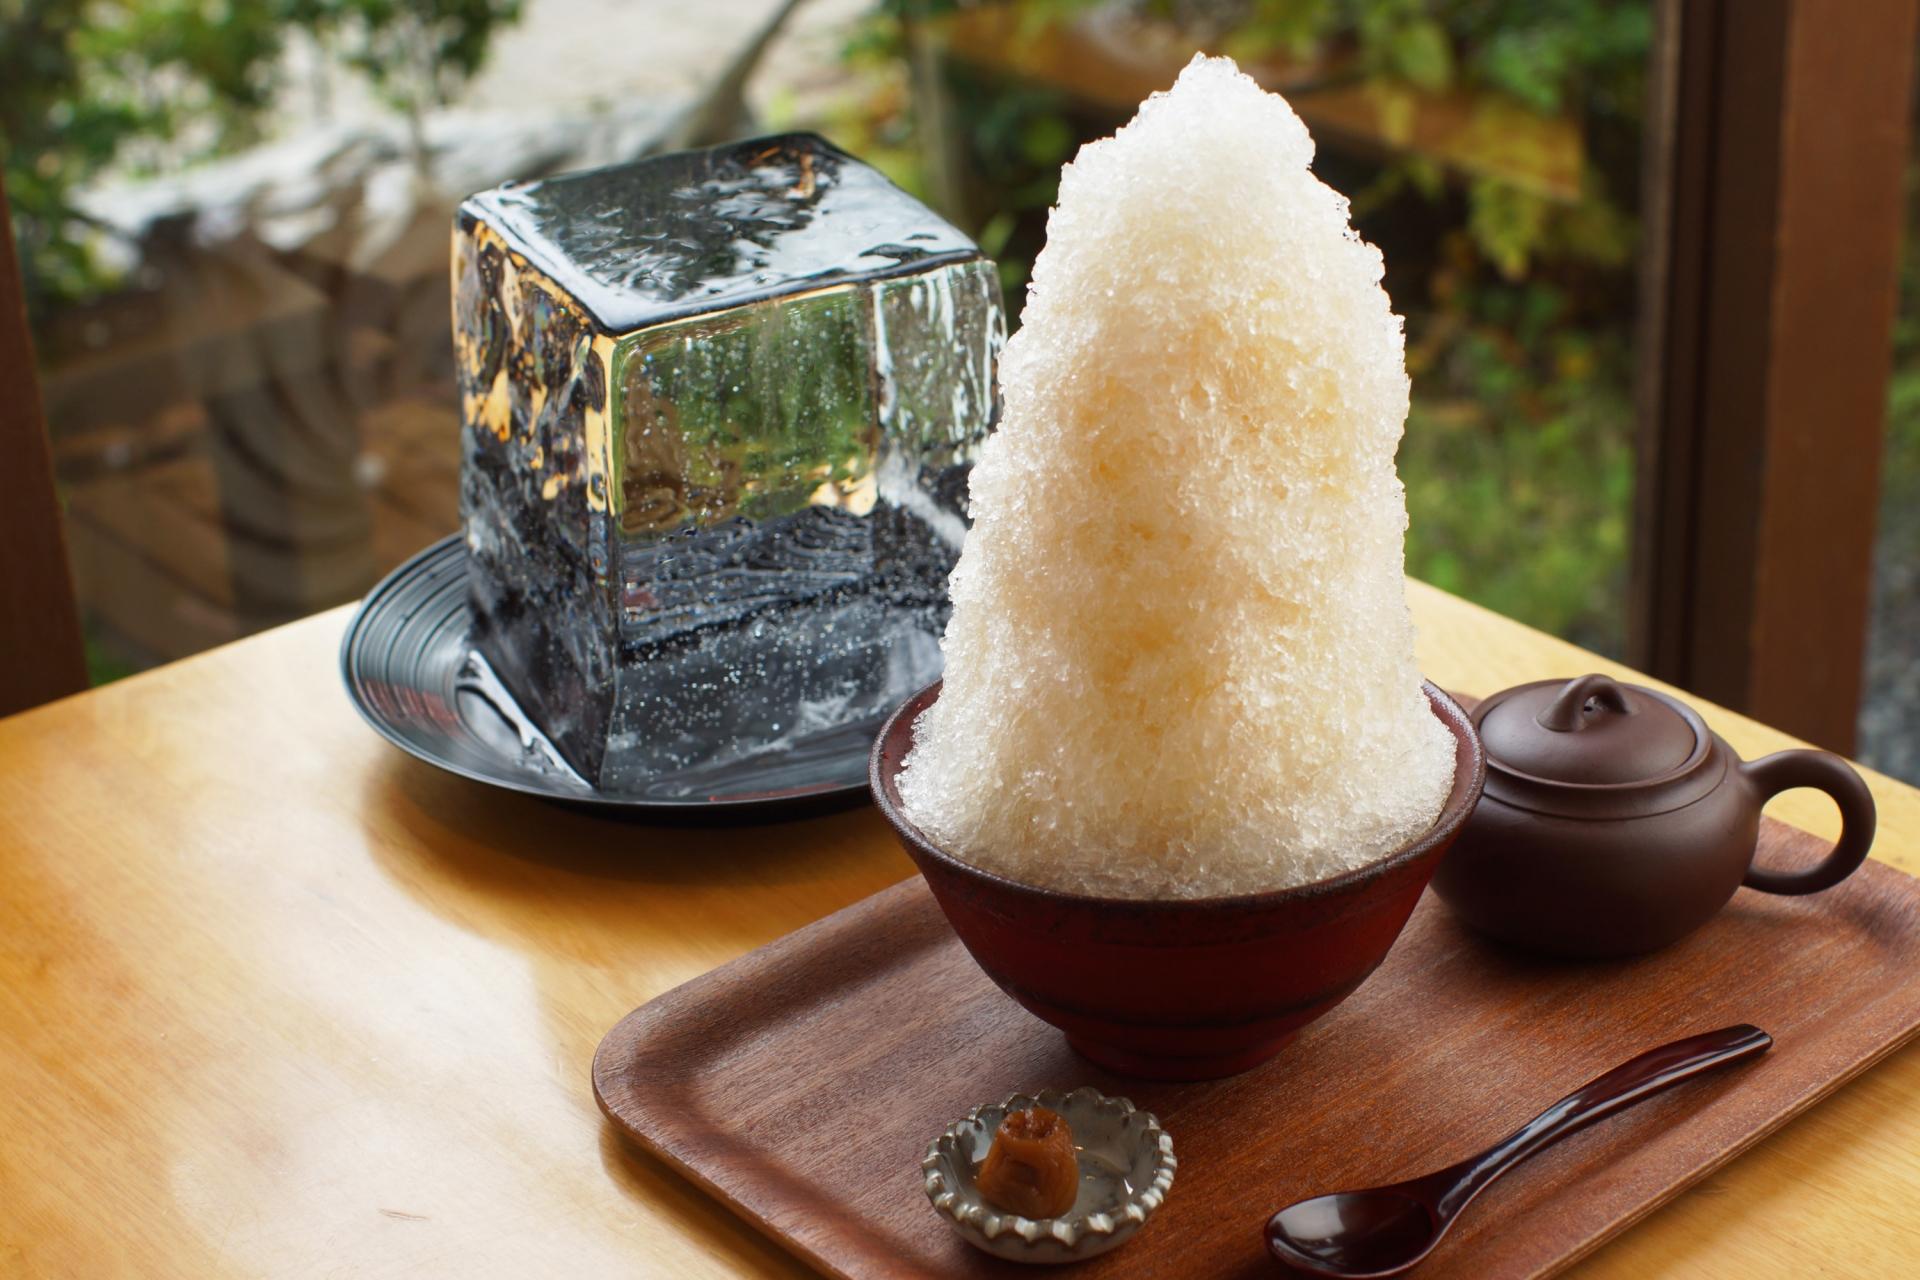 「雪菓」は巣鴨の人気かき氷工房!おすすめのメニューや待ち時間は?